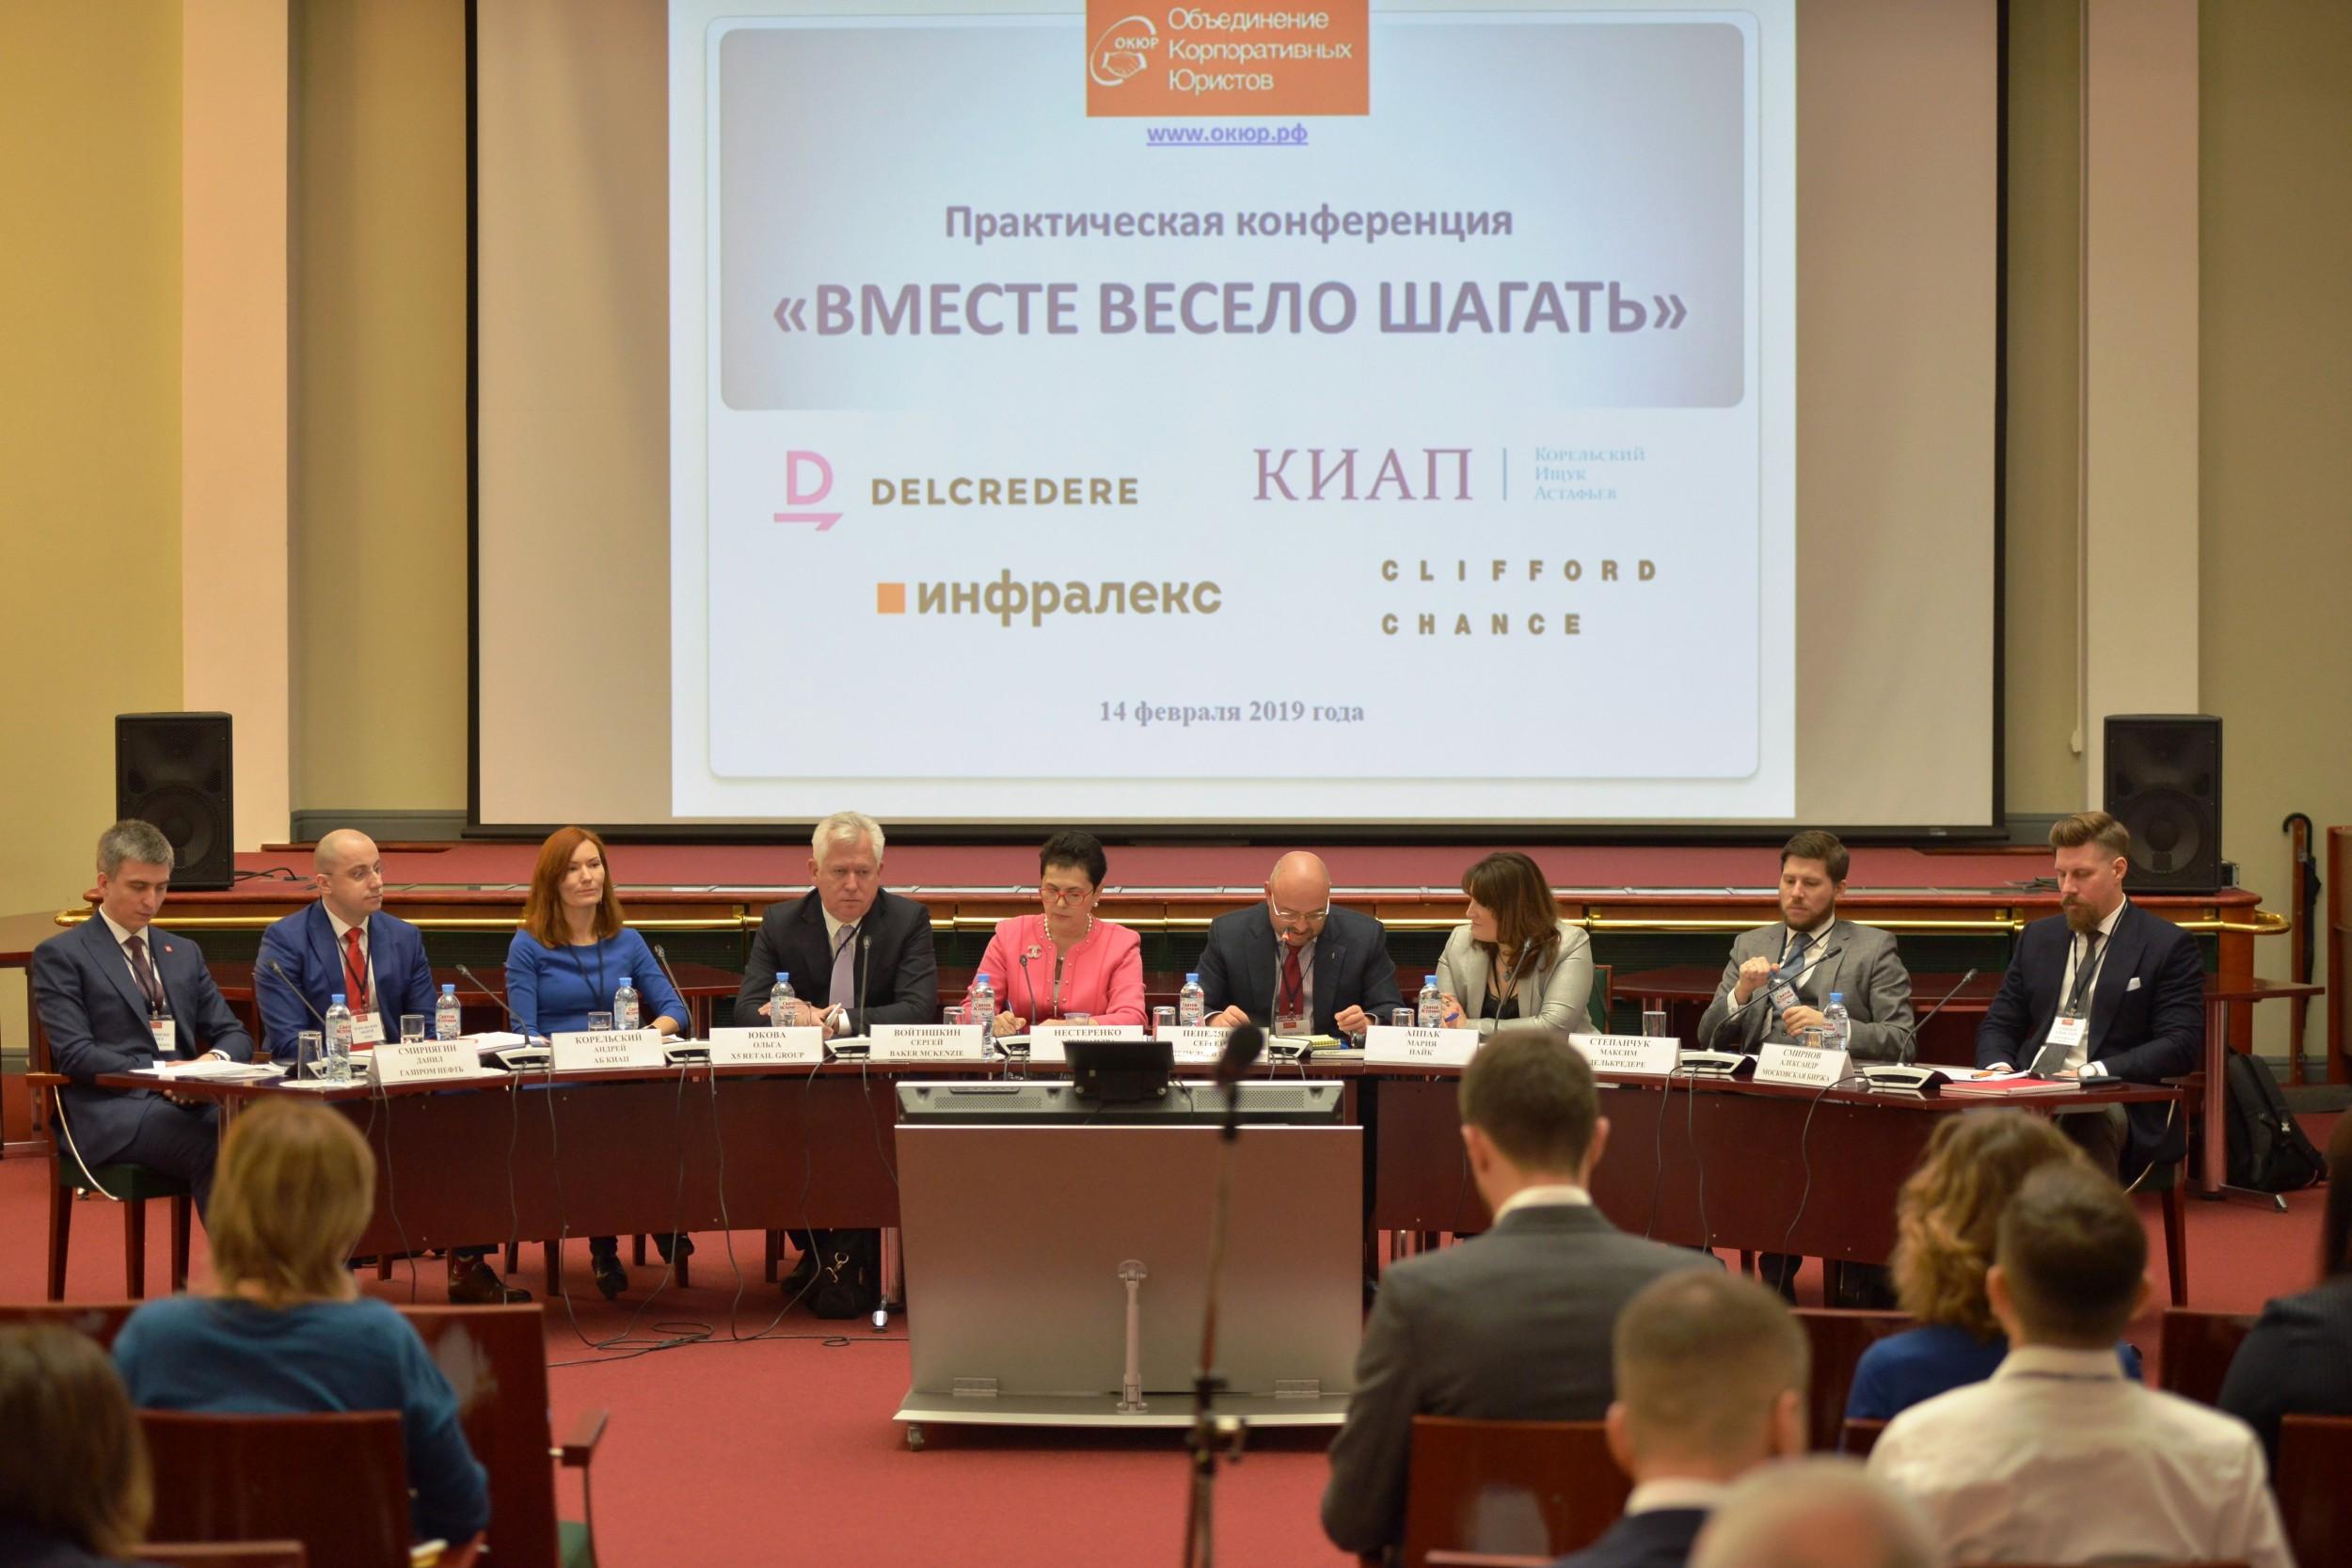 Конференция-дискуссия ОКЮР о работе юридический служб компаний и консультантов через призму конкретных проектов